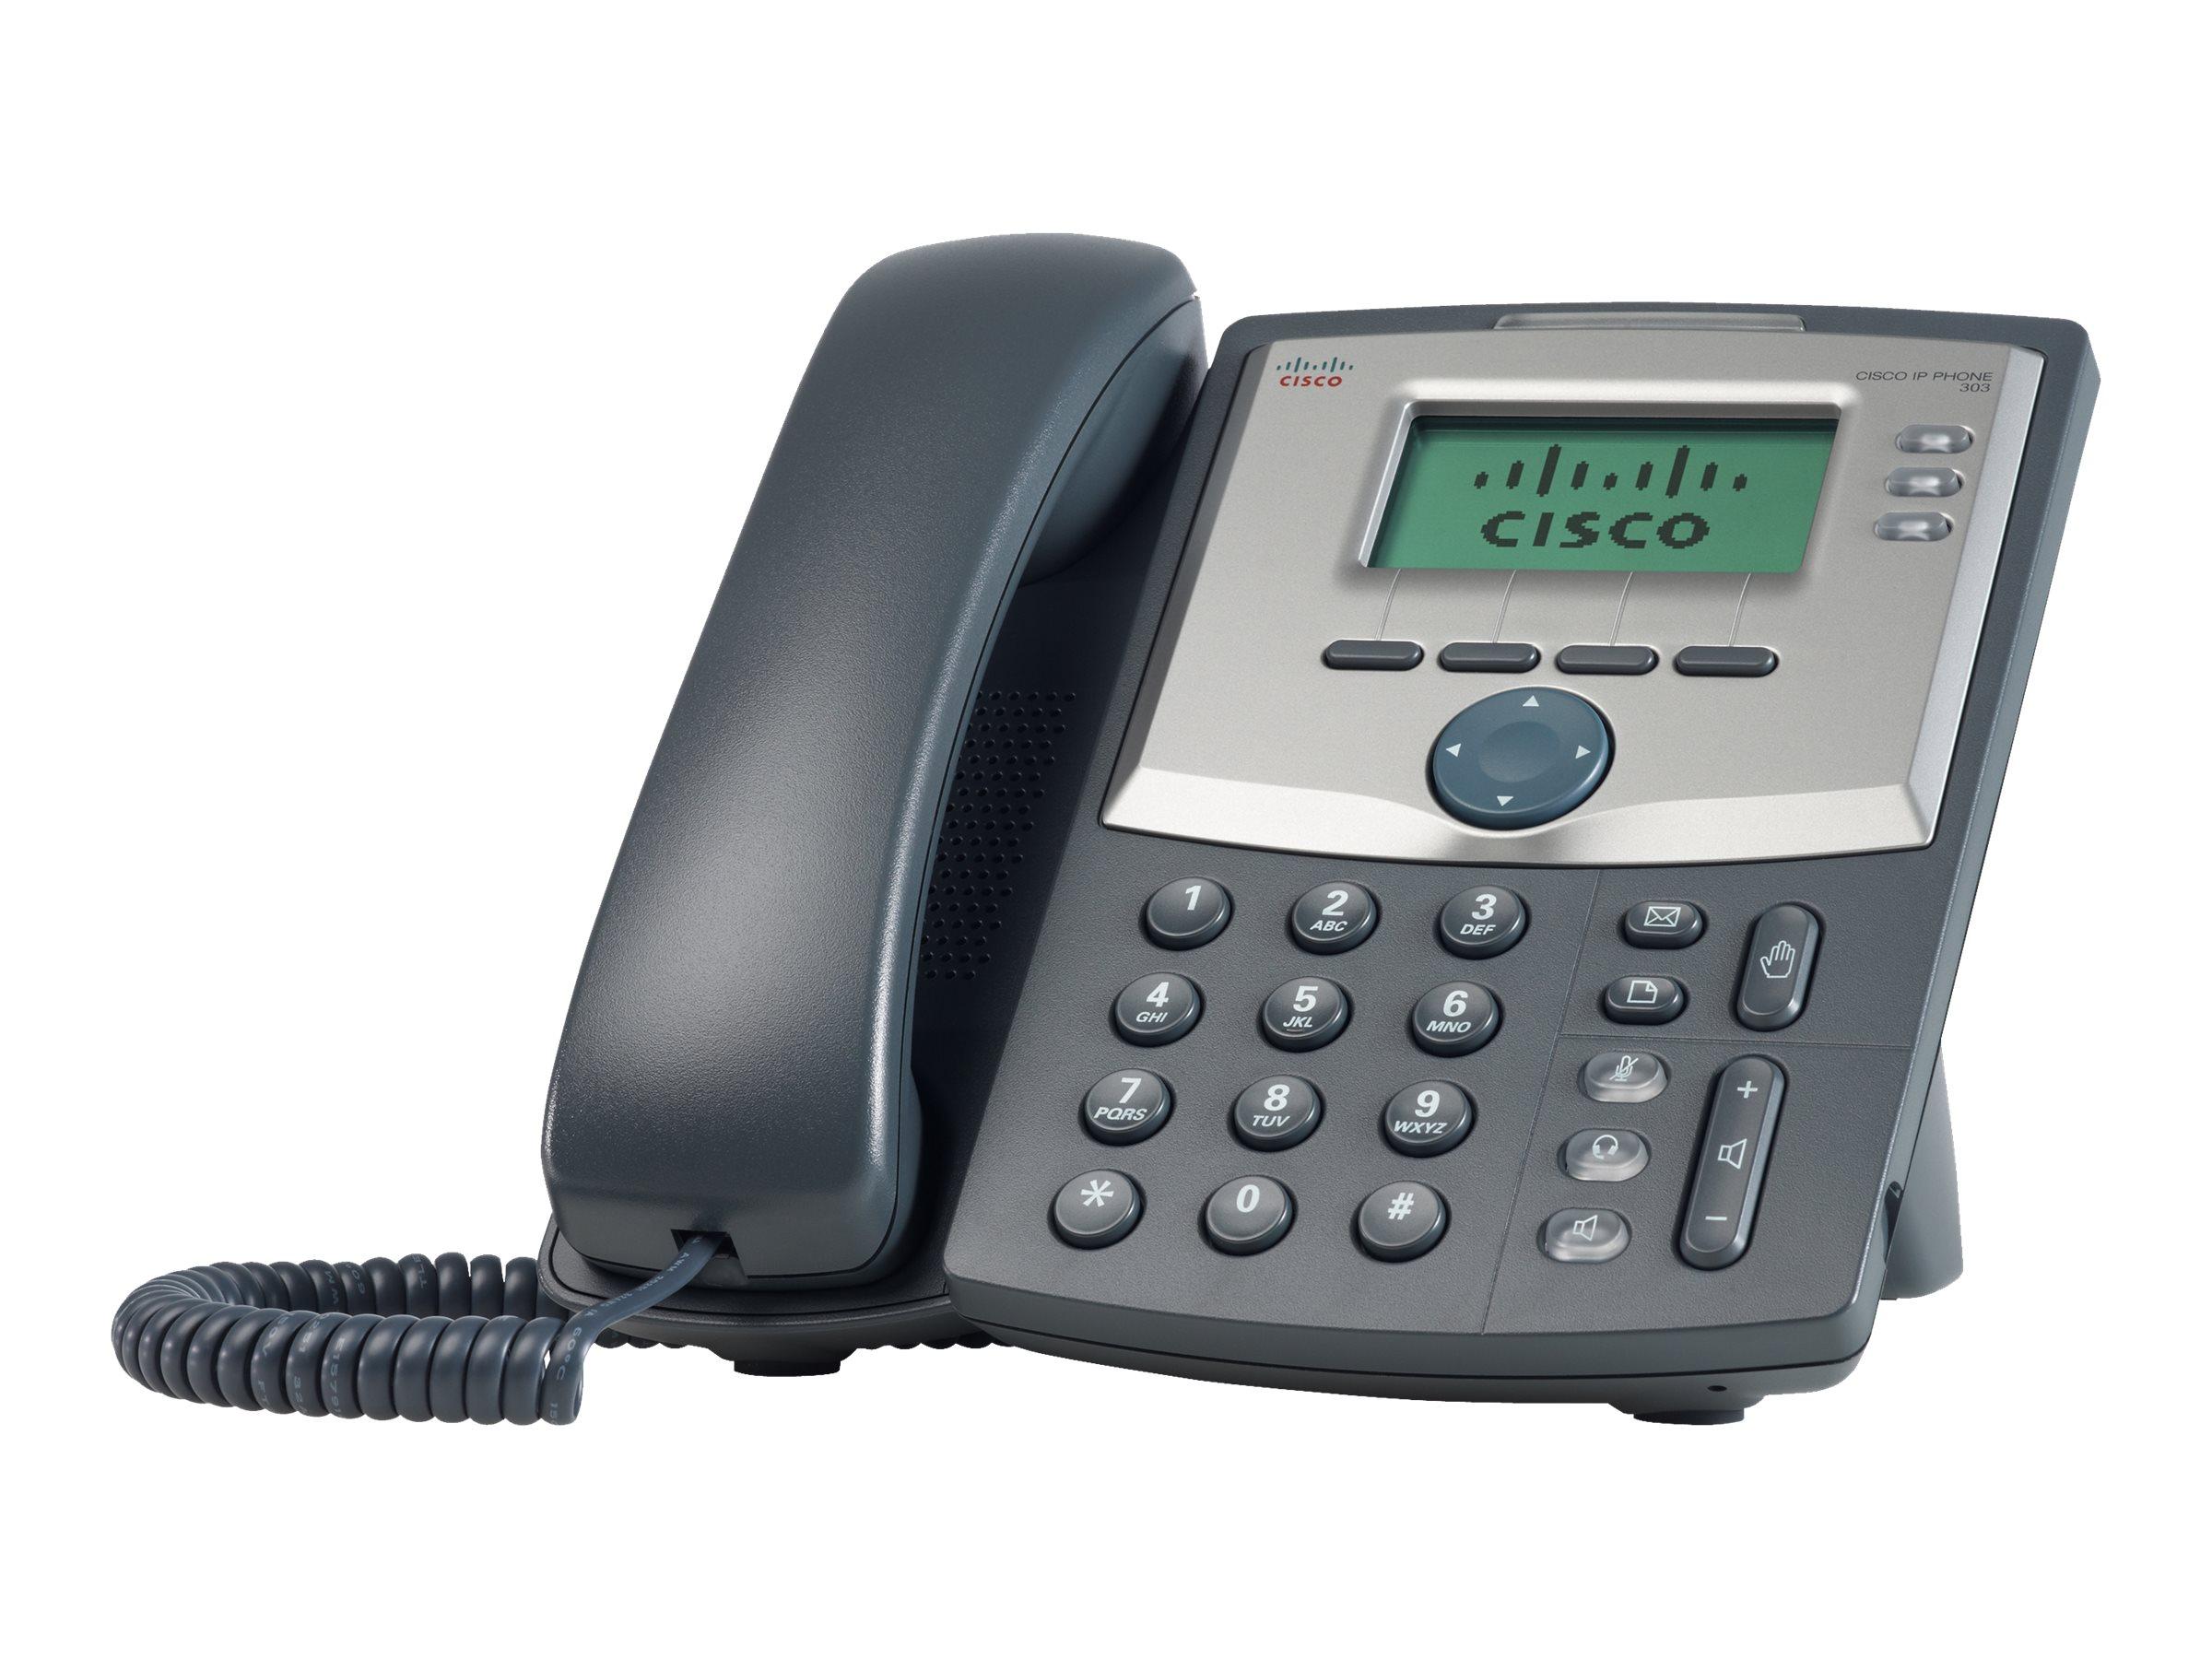 Cisco Small Business SPA 303 - VoIP-Telefon - dreiweg Anruffunktion - SIP, SIP v2, SPCP - 3 Leitungen